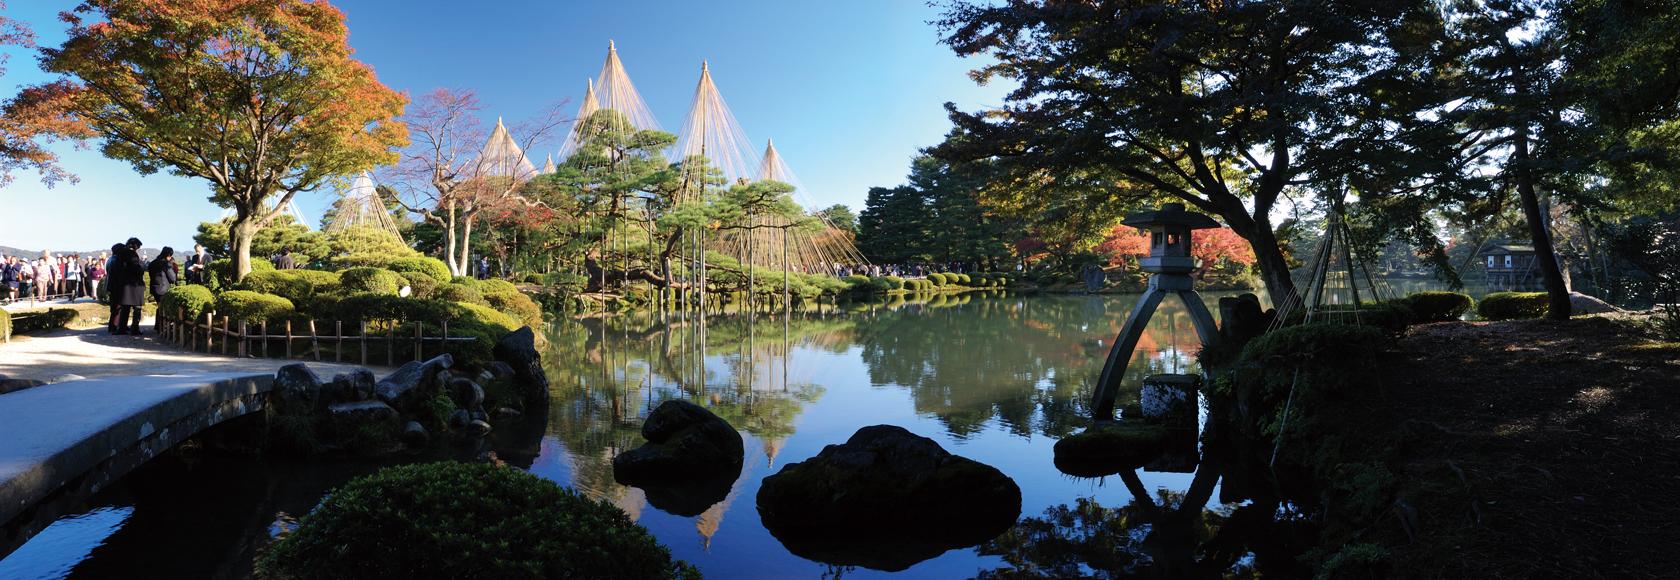 金沢・加賀・能登への団体旅行・グループ旅行・社員旅行